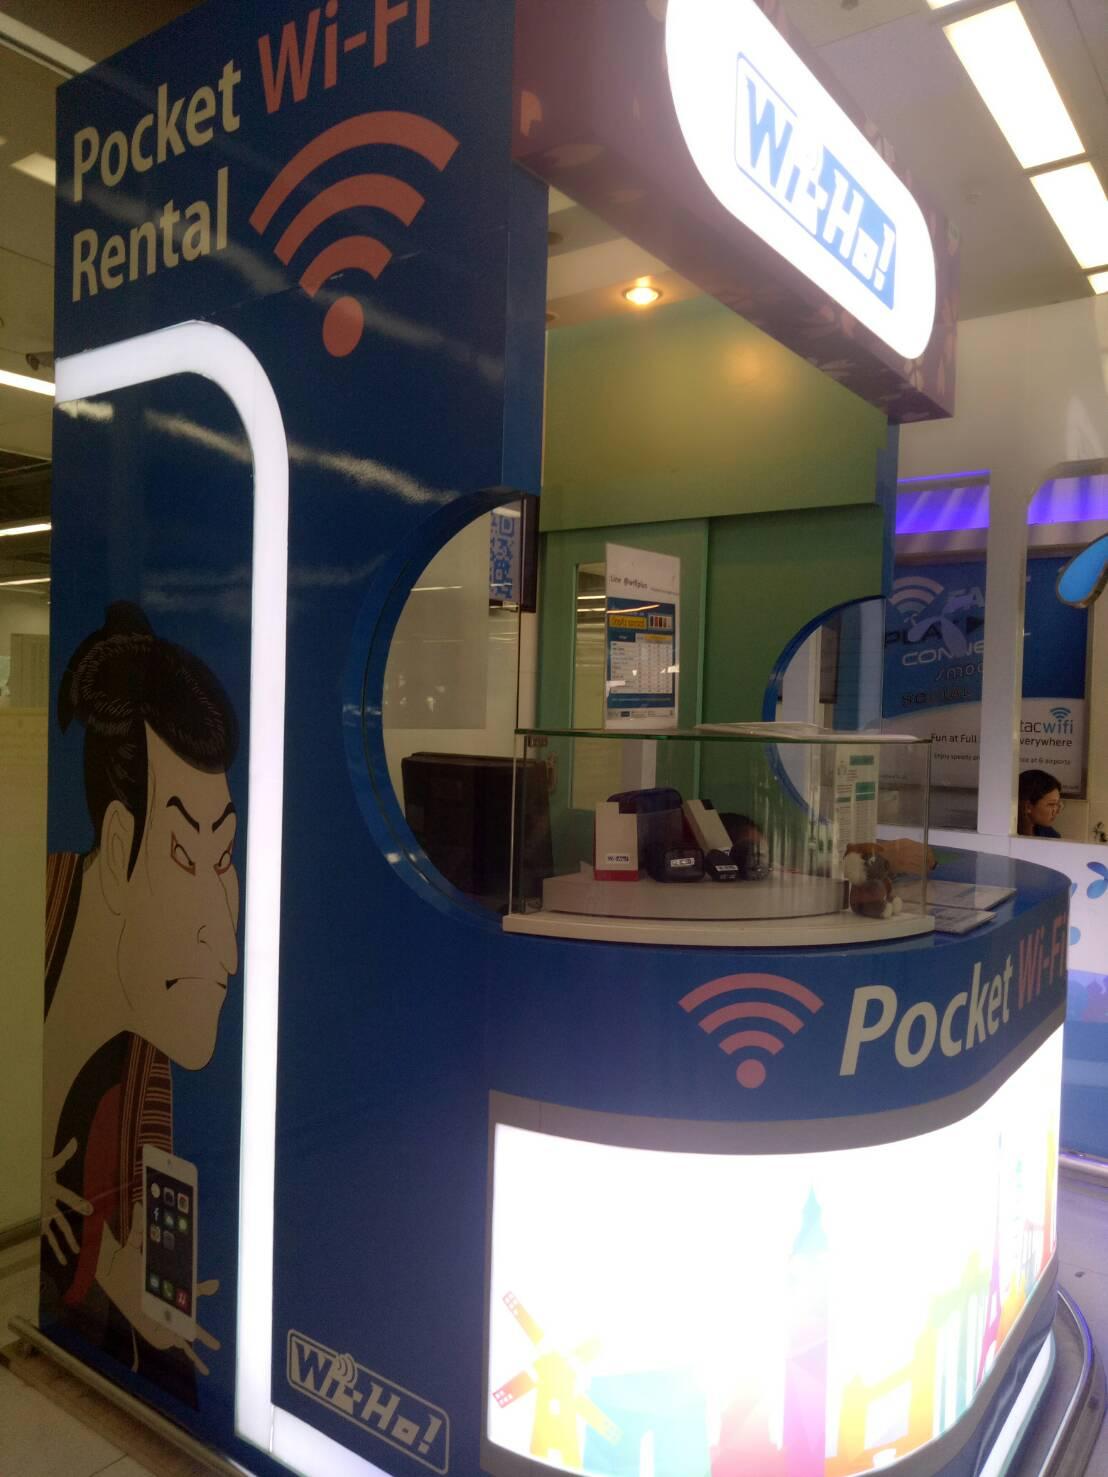 ดรับwifi, wifiต่างประเทศ, pocketwifi